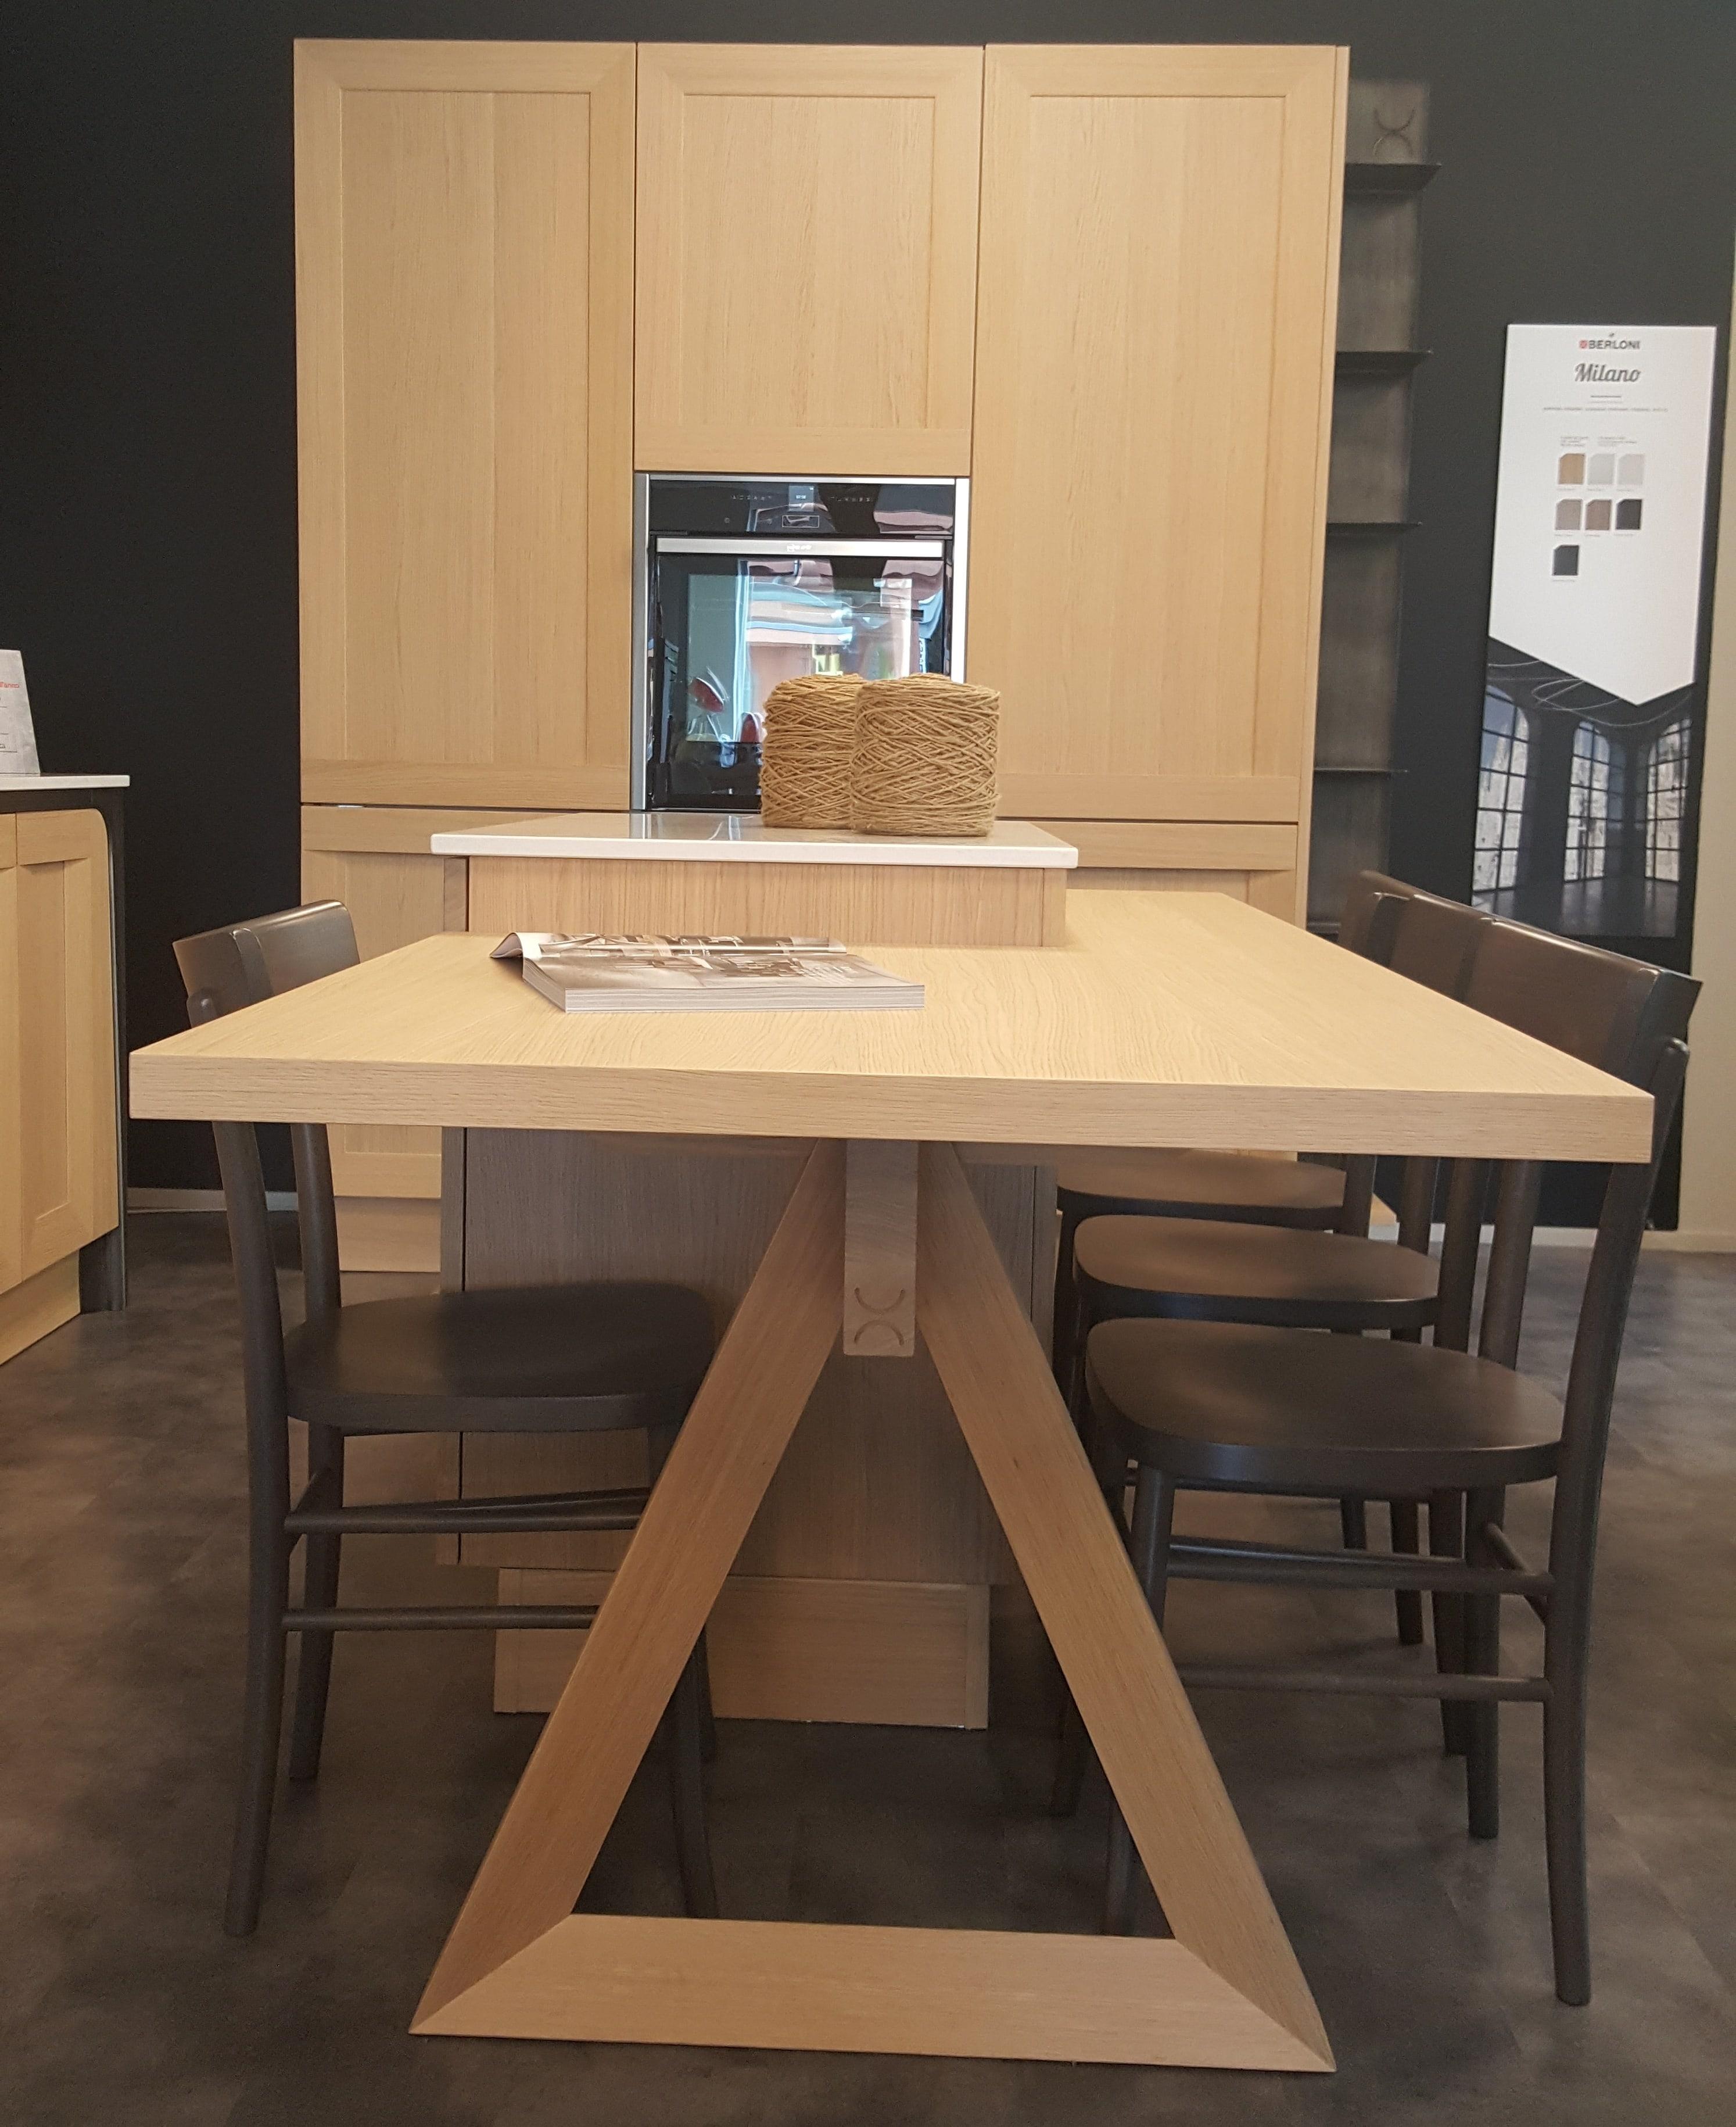 Cucina berloni modello milano spiga composizione con isola cucine a prezzi scontati - Cucina molecolare milano ...